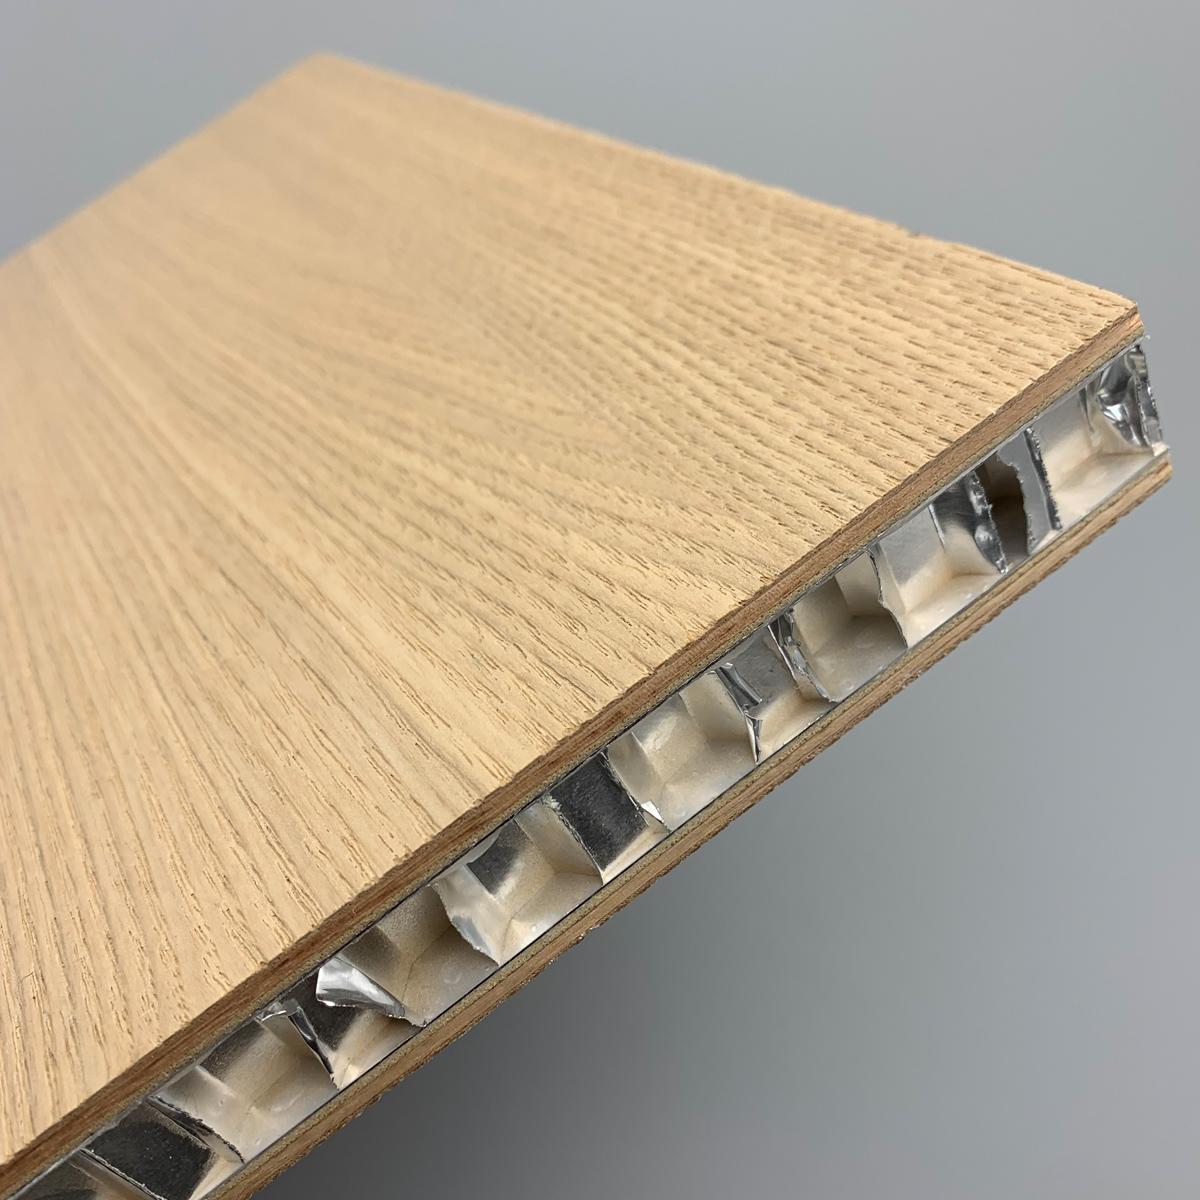 全正铝蜂窝板实木板双面饰面家具柜体单面复合饰面板